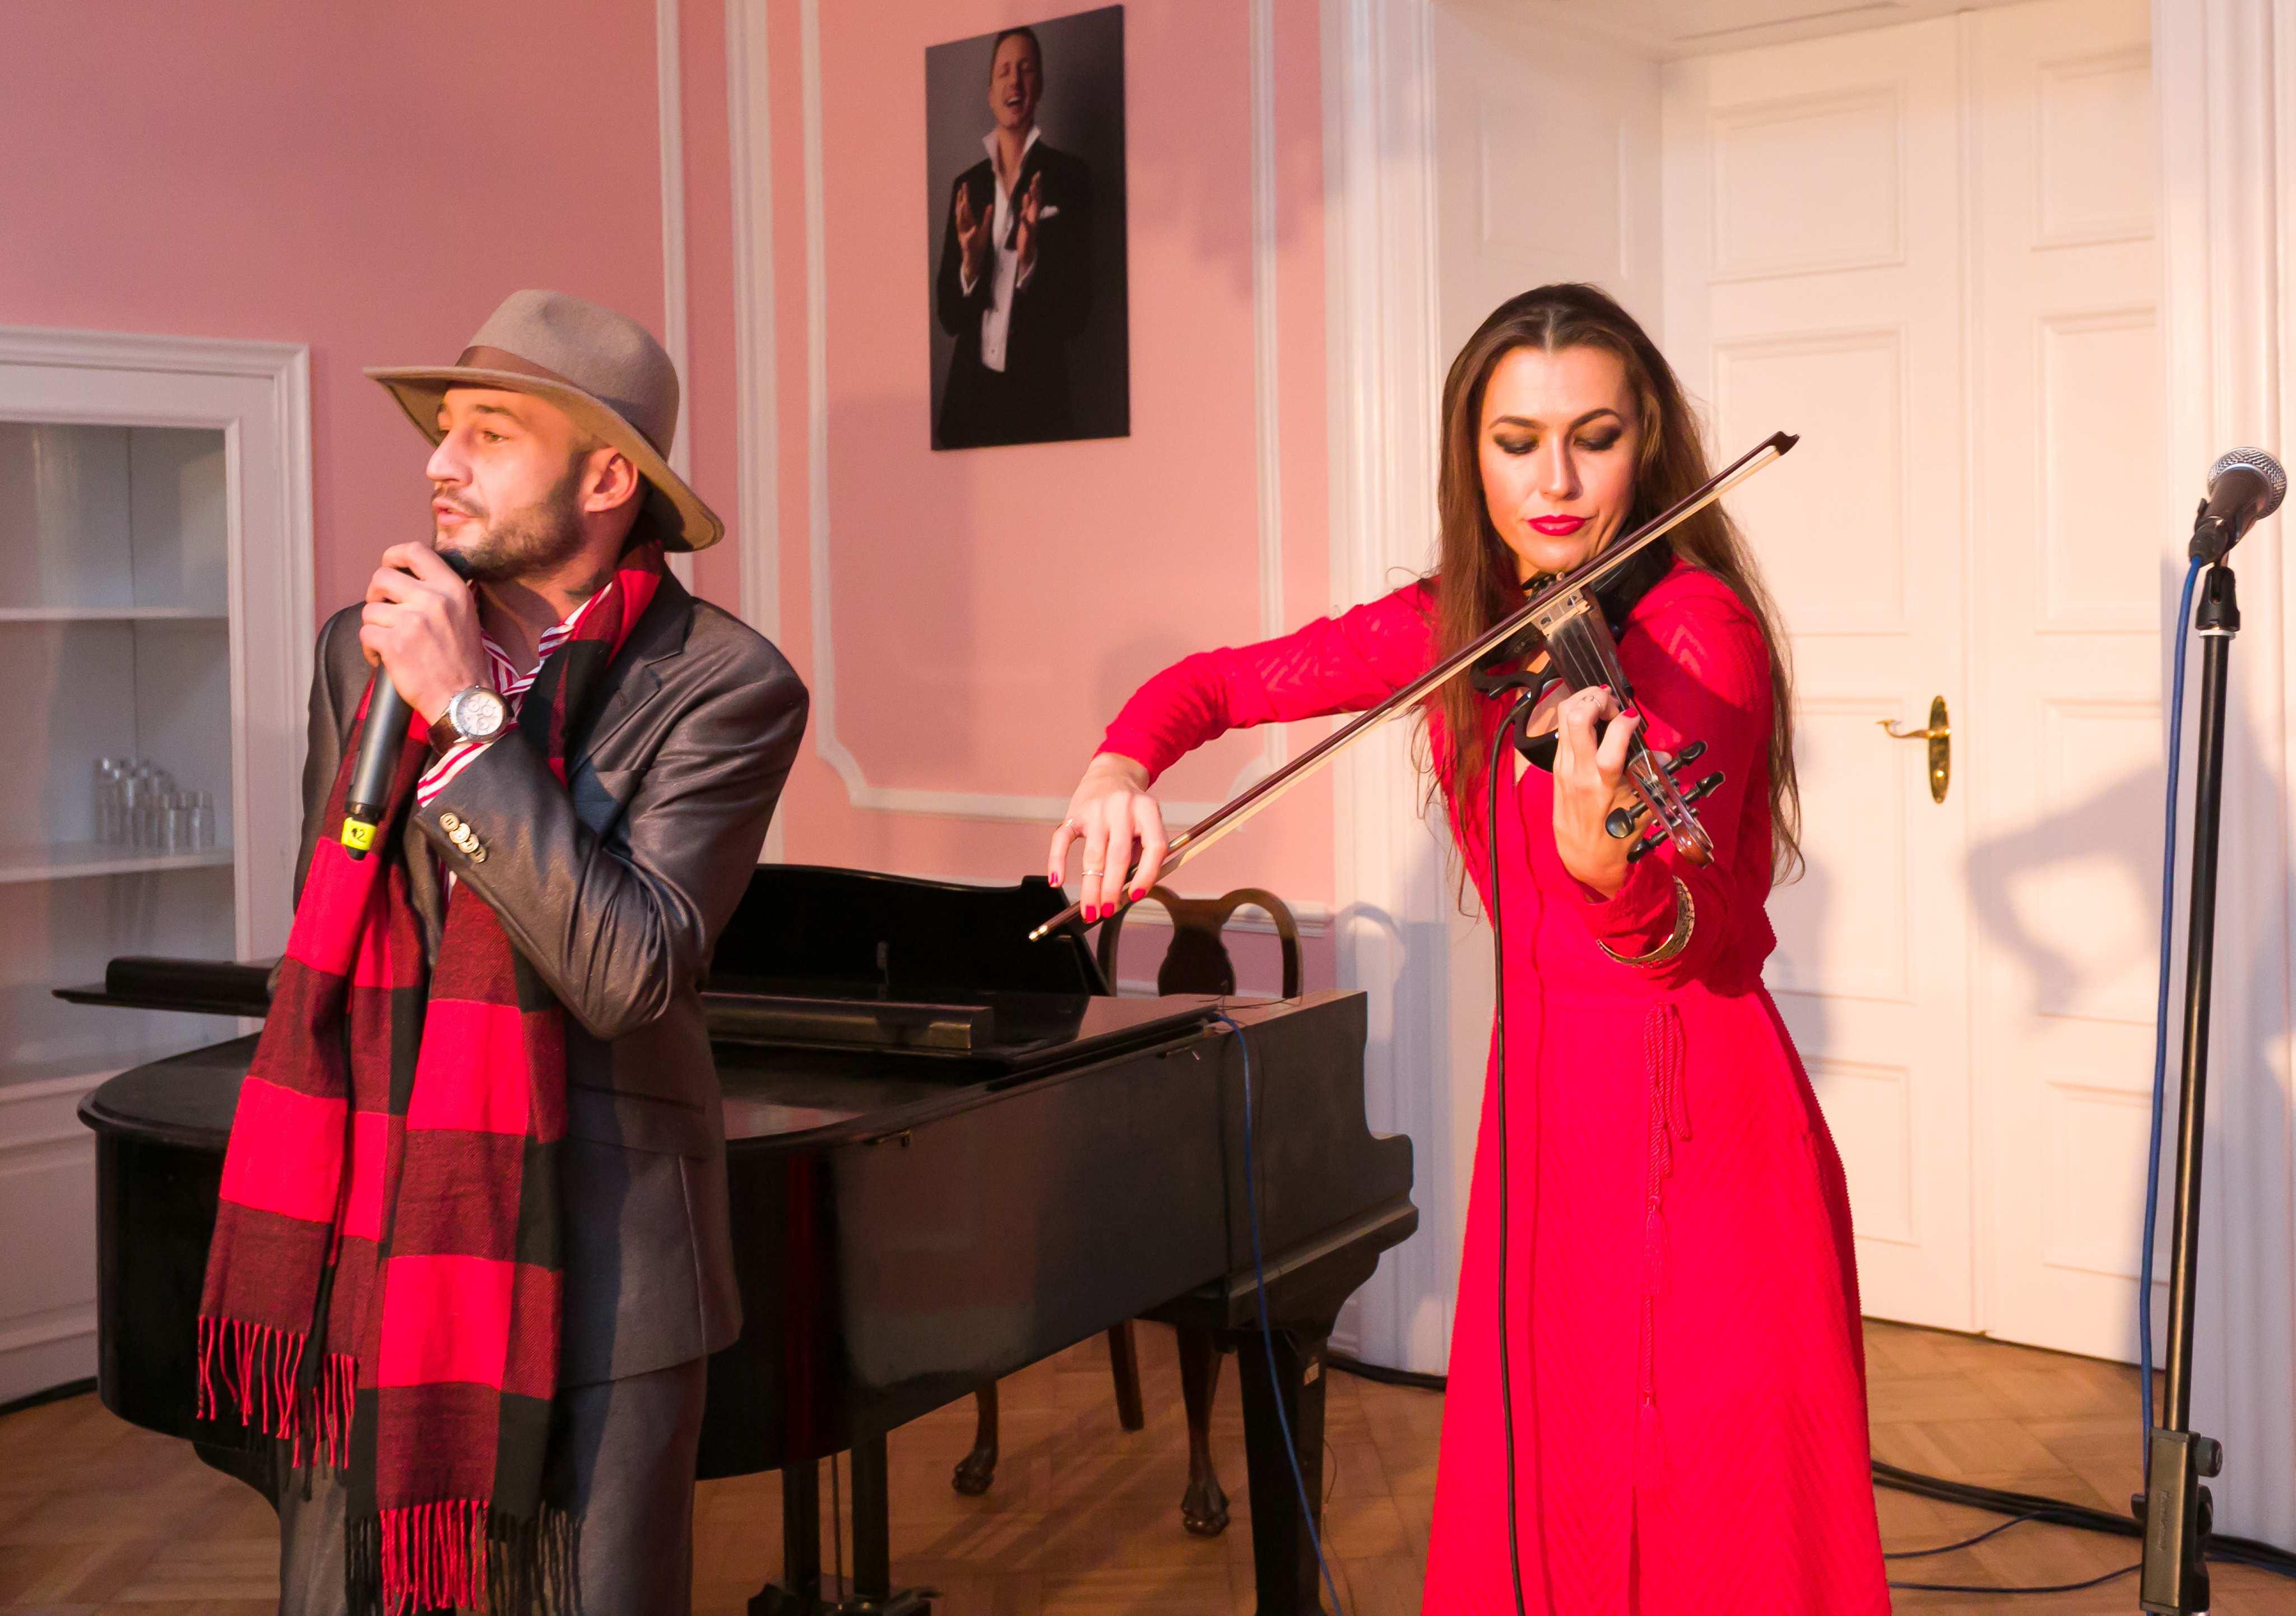 Zpěvák Sámer Issa zazpíval za houslového doprovodu.